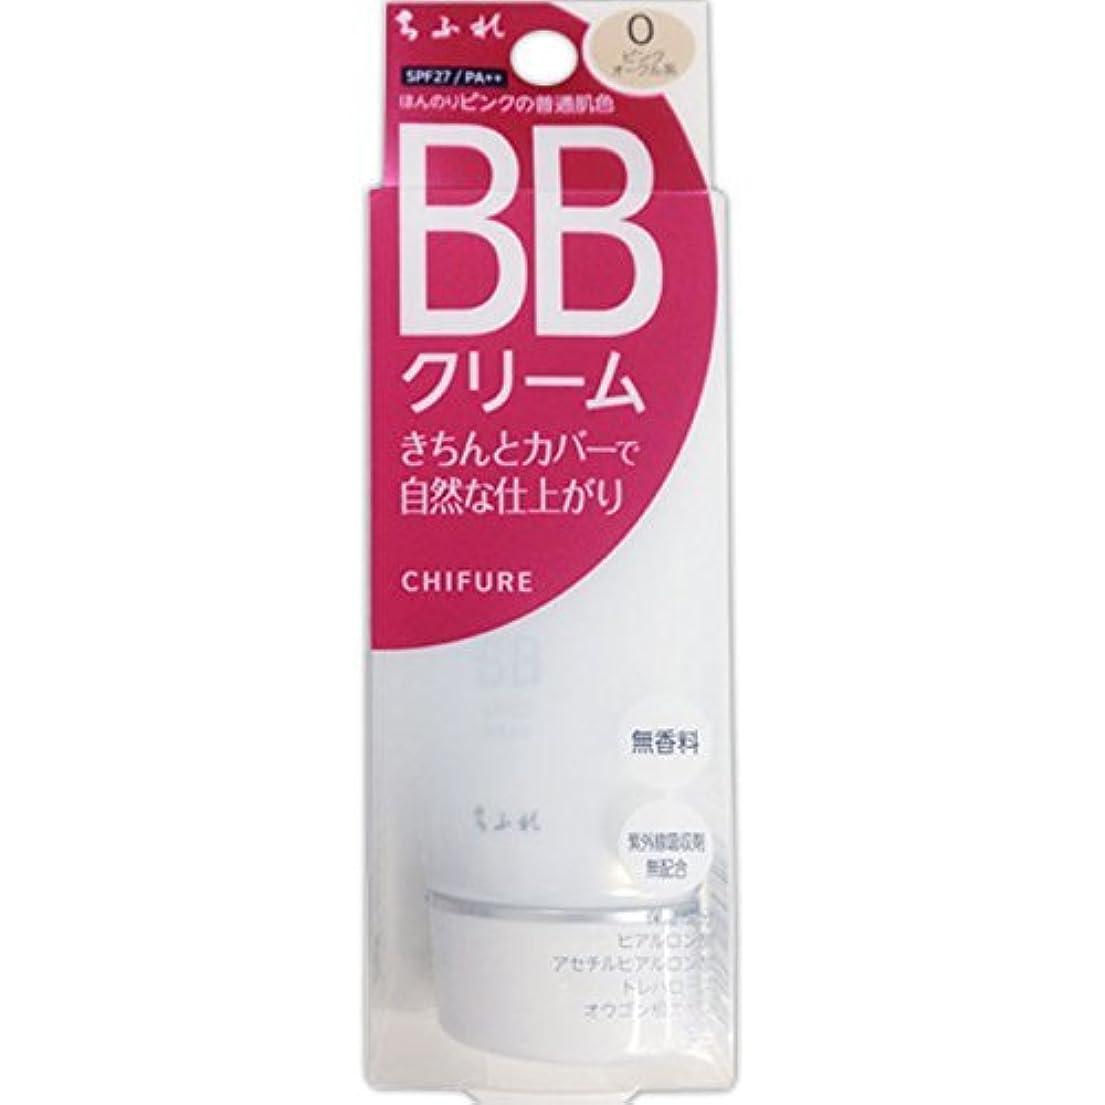 予想外敬礼振るちふれ化粧品 BB クリーム ほんのりピンクの普通肌色 0